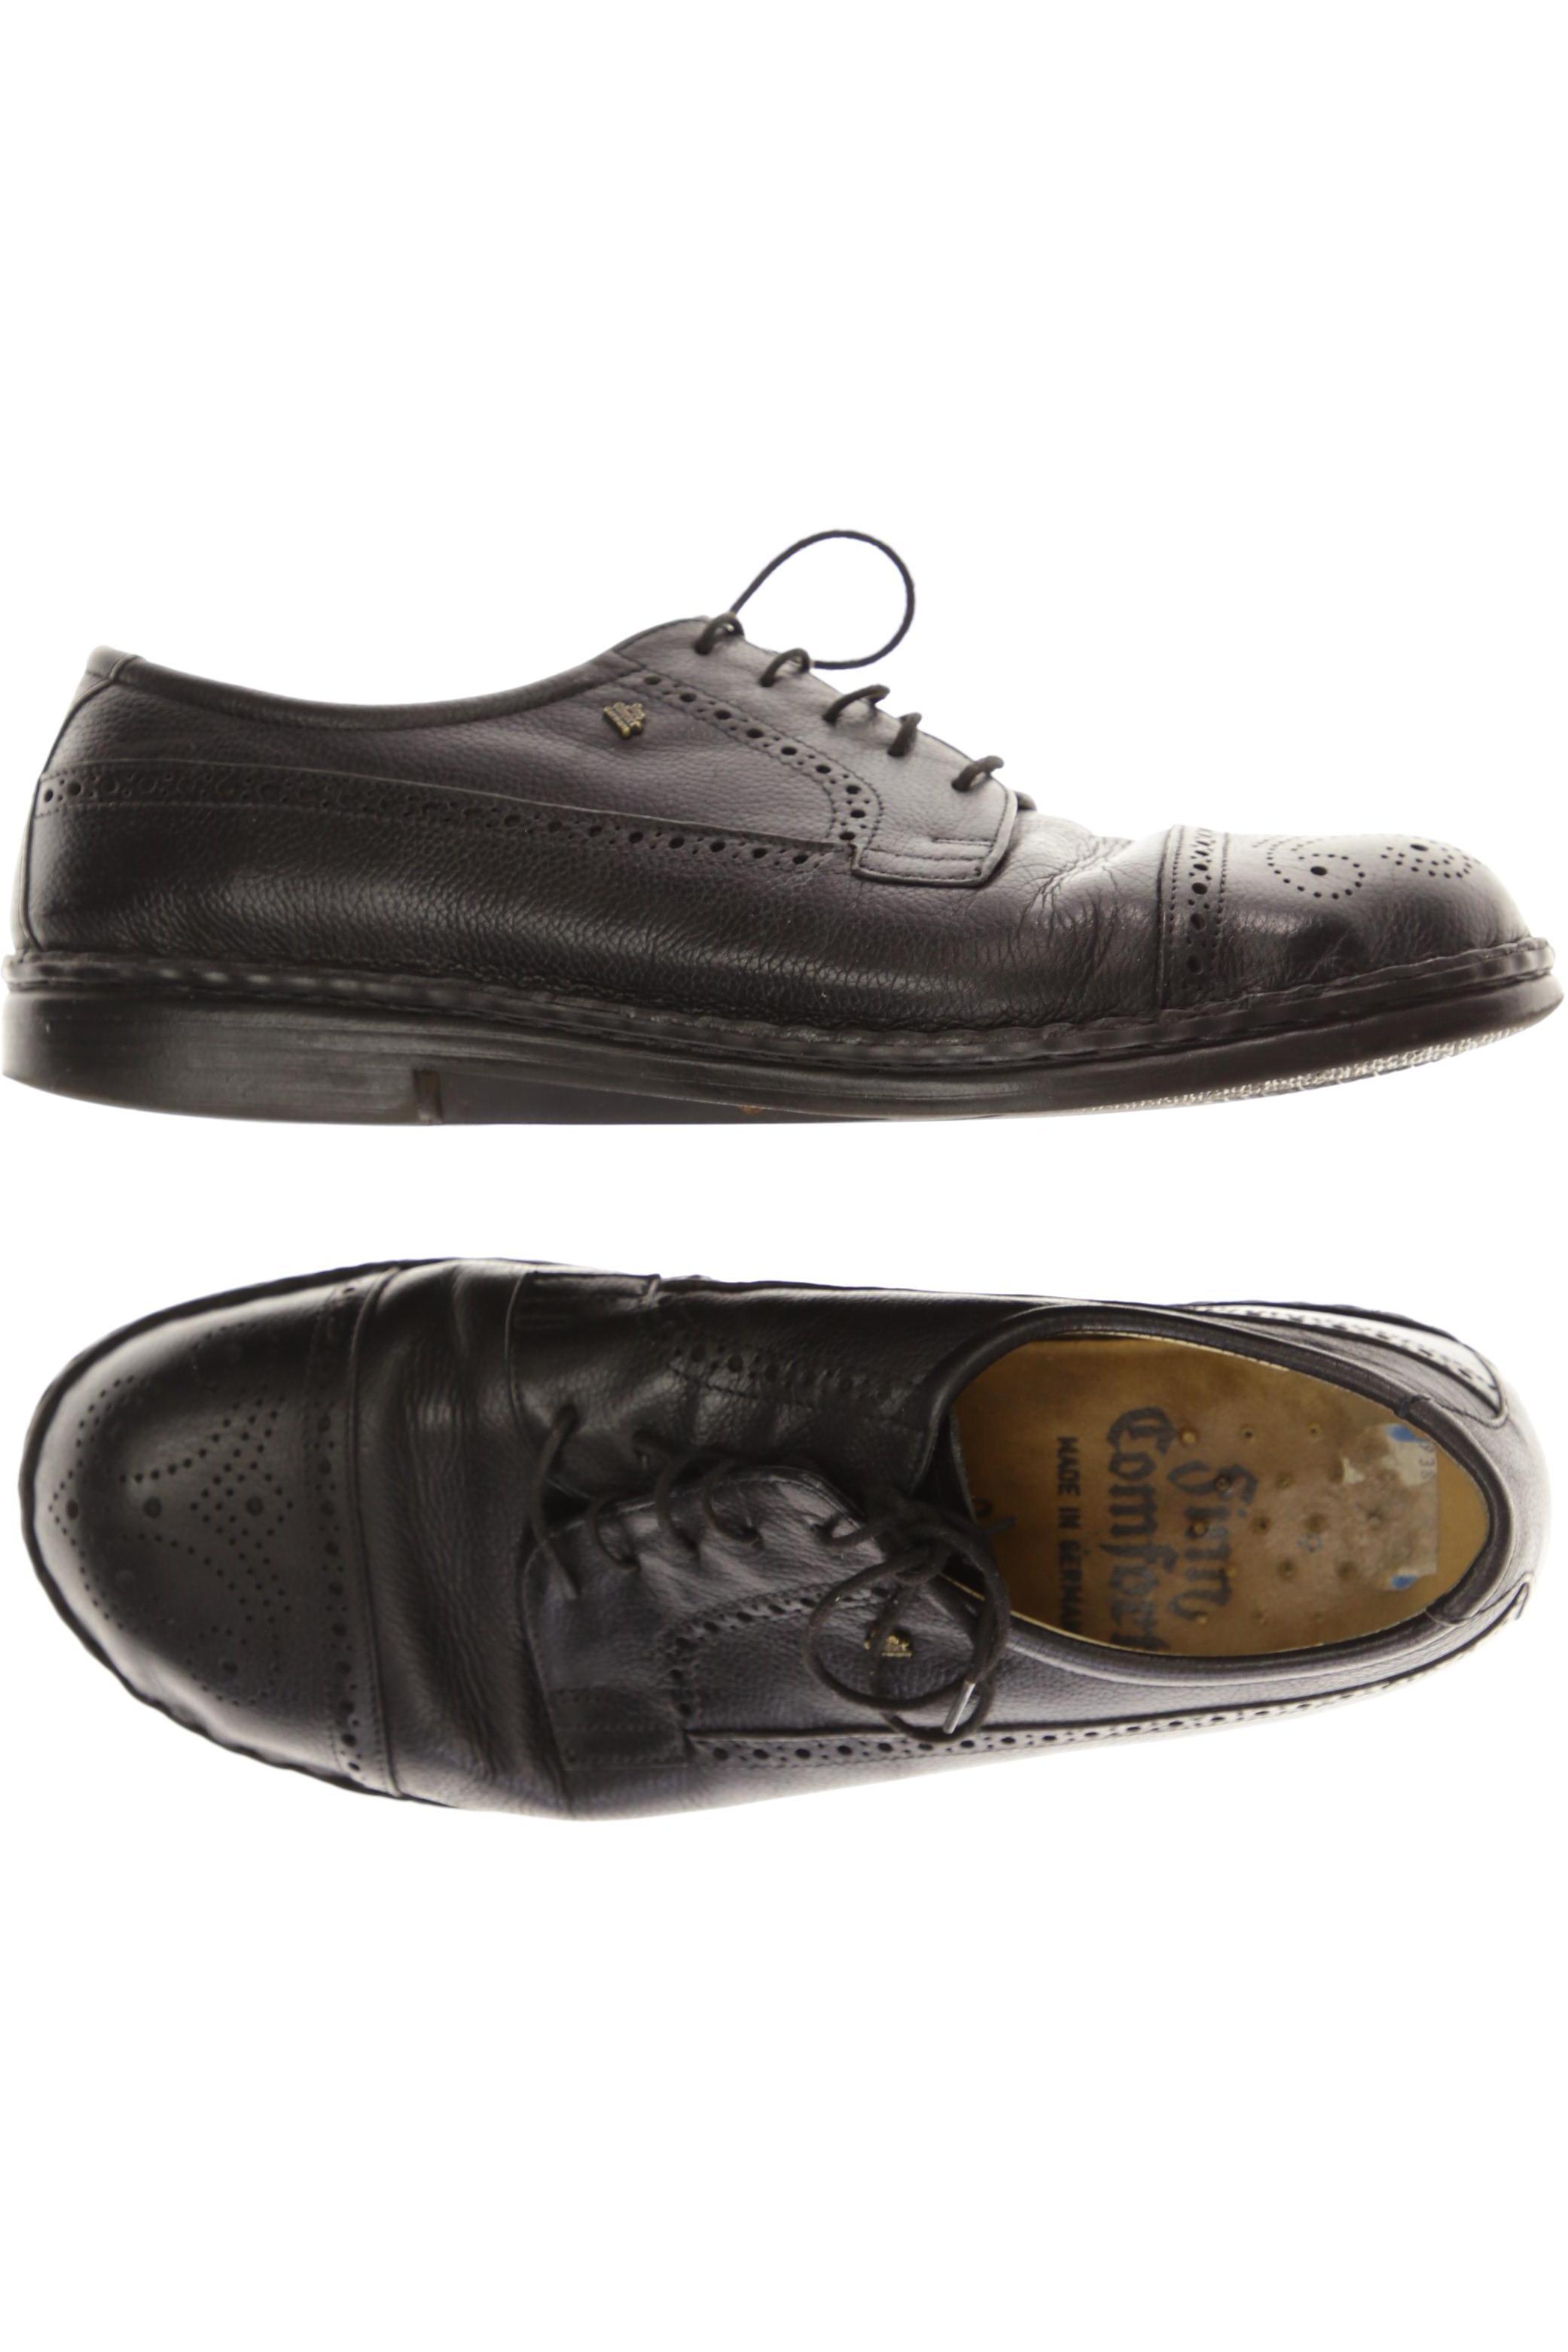 Finn comfort Halbschuh Herren Slipper feste Schuhe Gr. UK 9